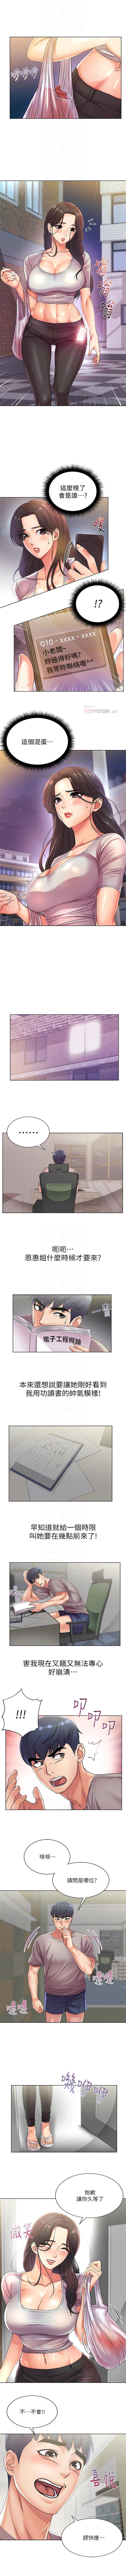 (週3)超市的漂亮姐姐 1-22 中文翻譯(更新中) 127